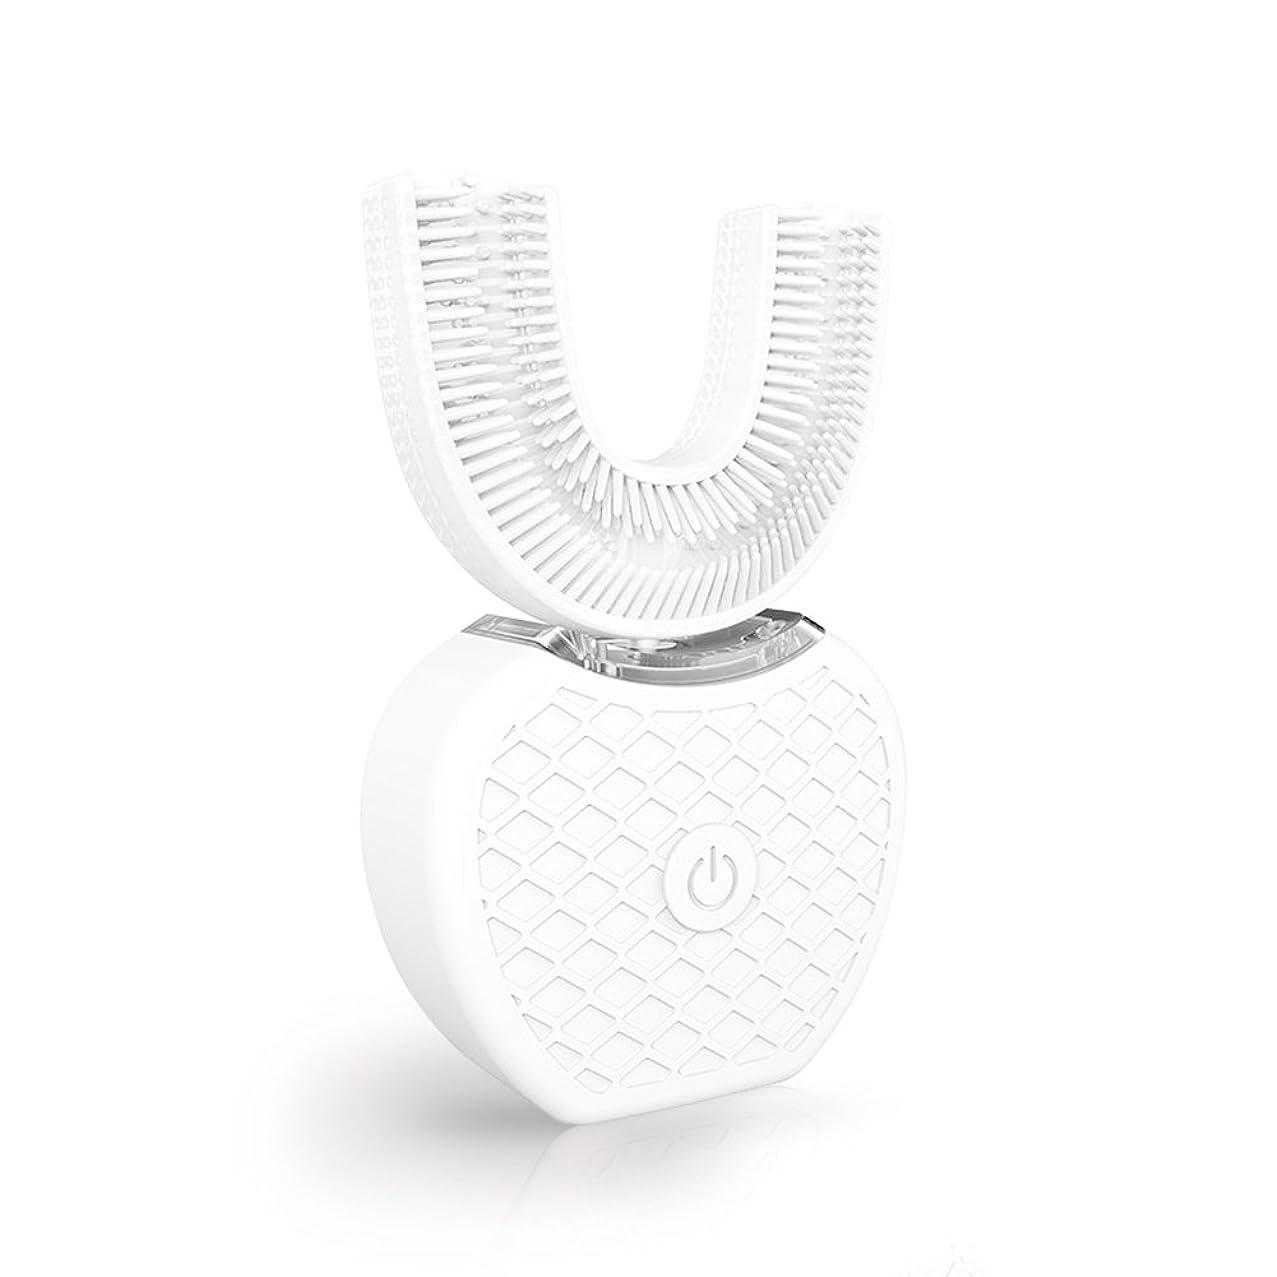 バブルベギンオーストラリア人HANSHUMY 自動歯ブラシ 怠け者歯ブラシ ナノブルレー 電動 U型 超音波 専門360°全方位 4段調節 15秒に細菌清浄 IPX7レベル防水 自動 歯ブラシ ホワイト